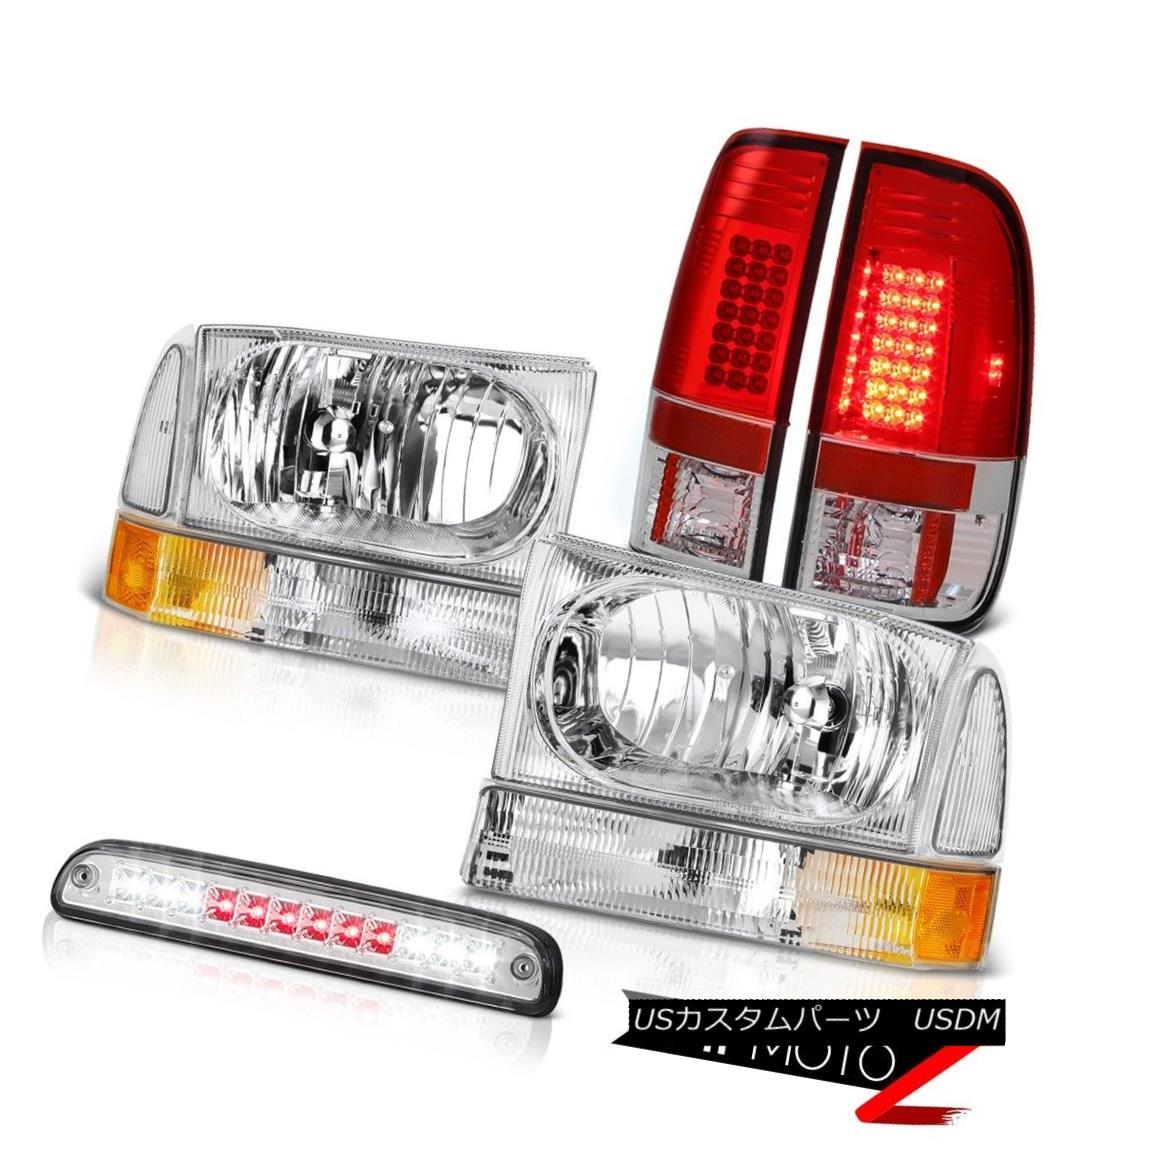 テールライト Factory Style HeadLights Roof Stop LED Chrome Red Tail Lamps 99-04 F350 7.3L 工場スタイルヘッドライトルーフストップLEDクロームレッドテールランプ99-04 F350 7.3L